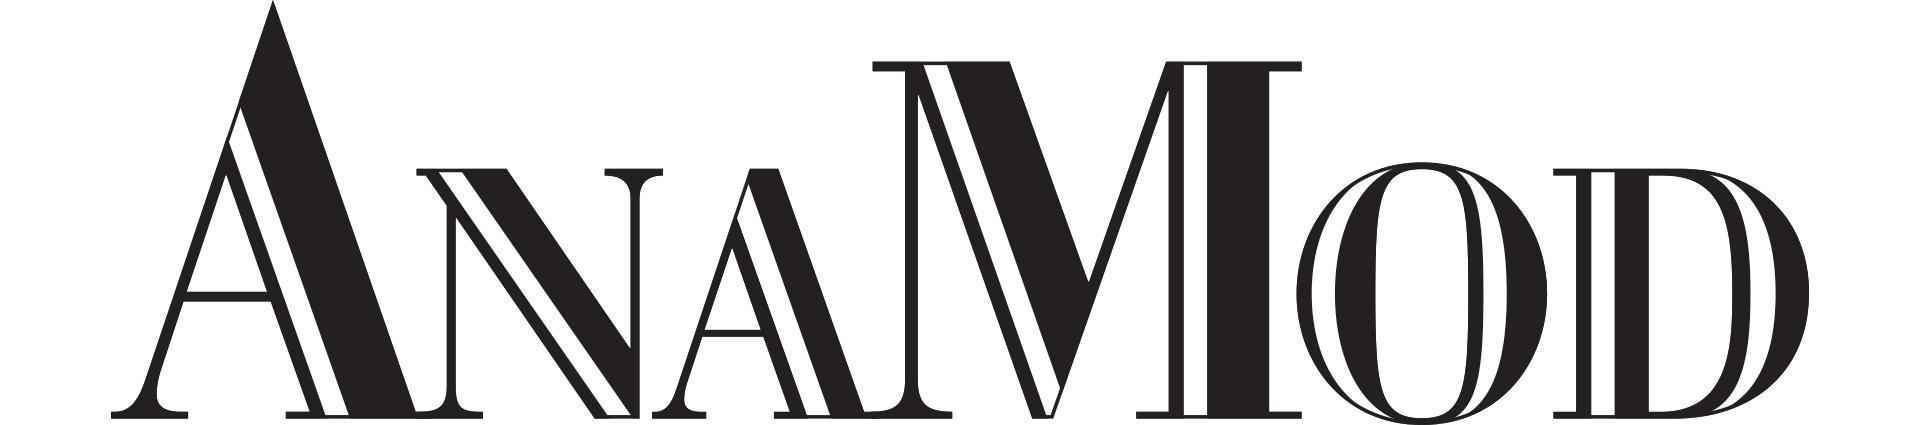 AnaMod-timid.jpg